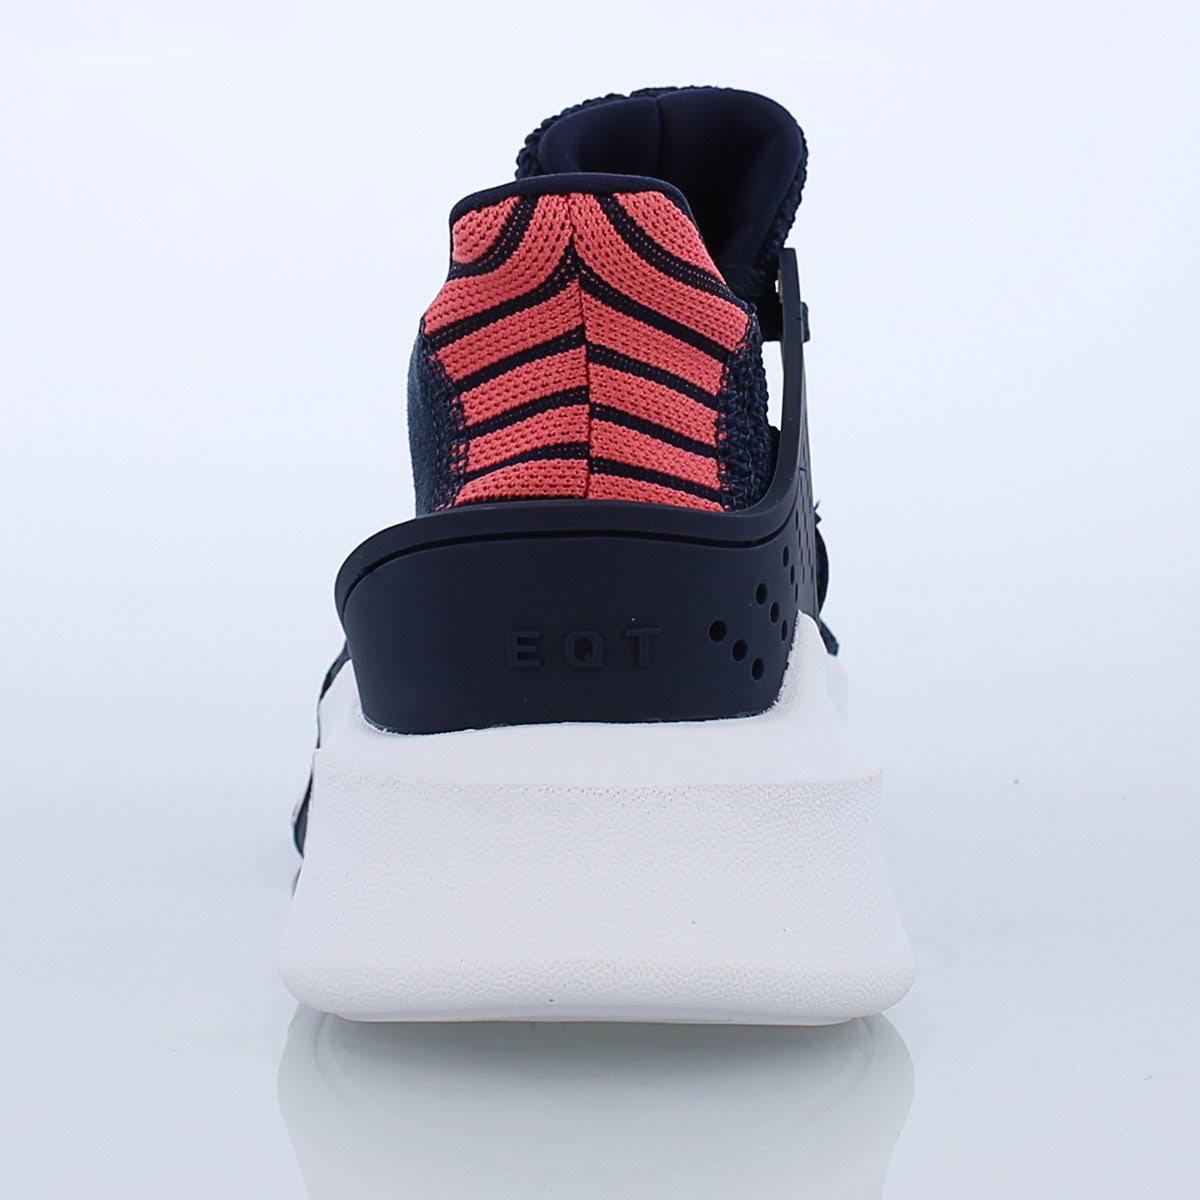 13 Cq2996 Originals Eqt Para 0 Basketball Tamaño Calzado Hombre Adidas Adv zAqPwW0